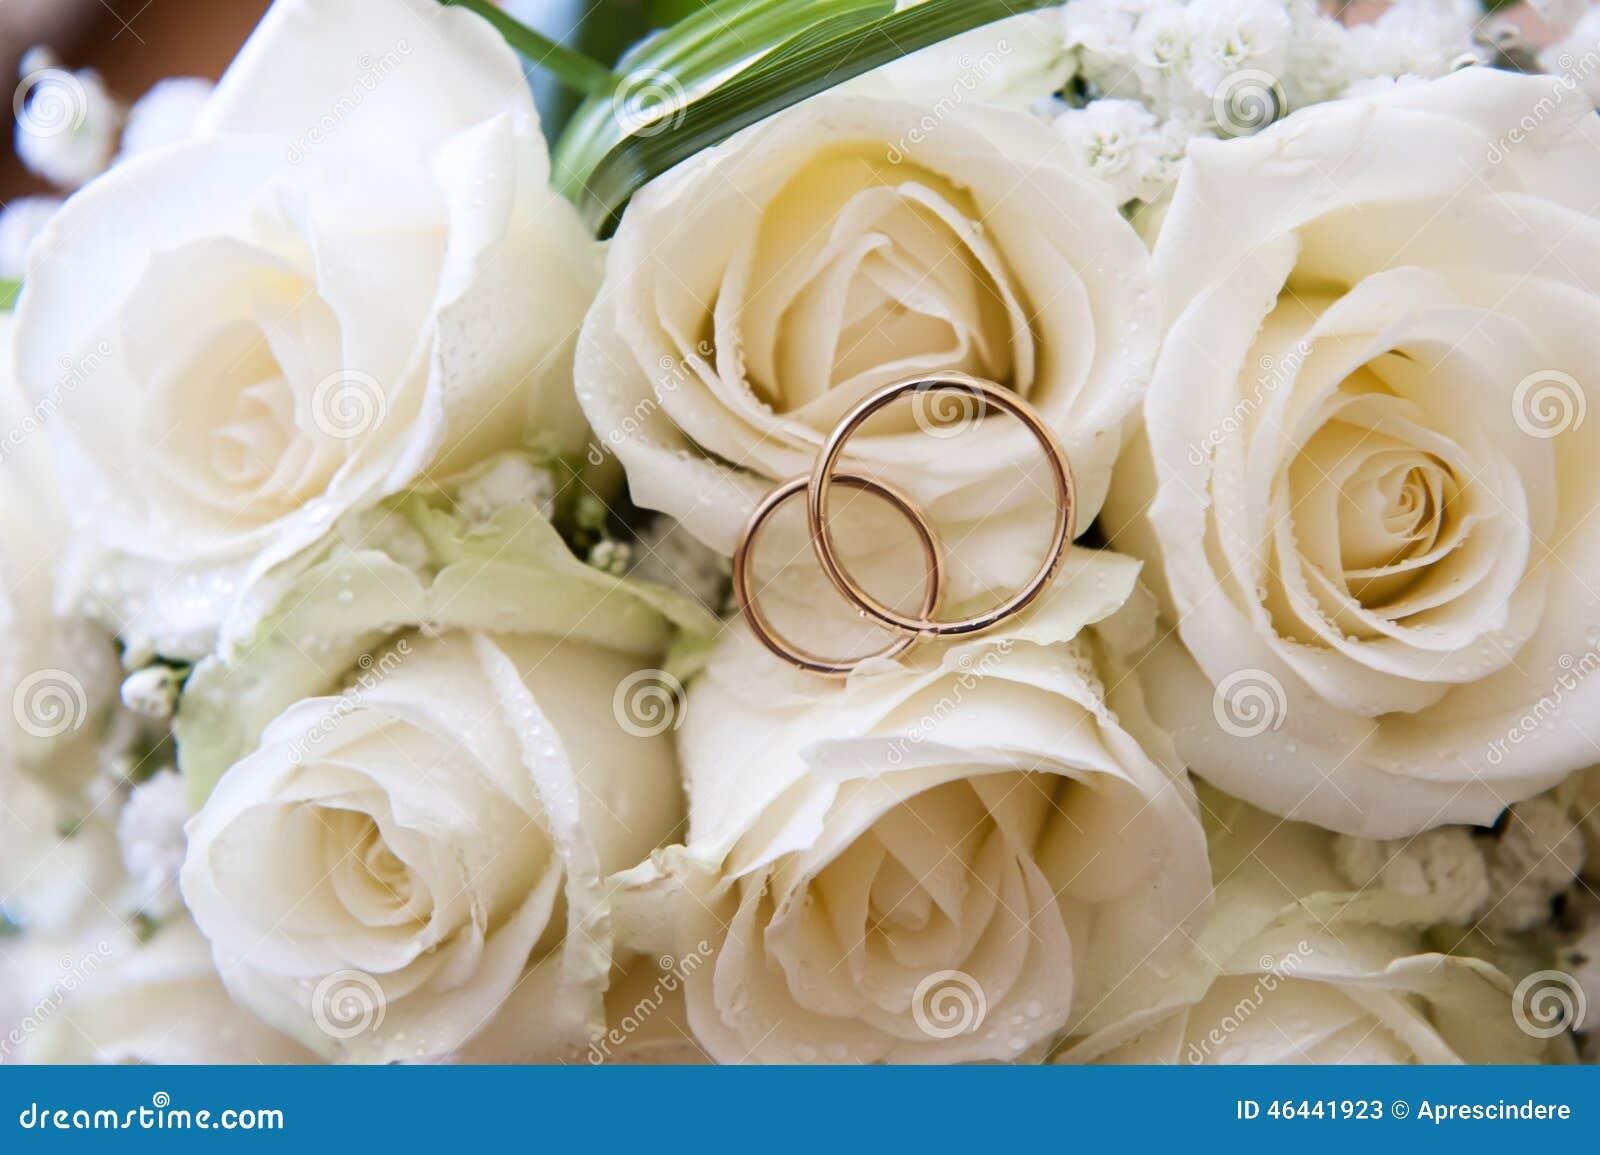 Anneaux De Mariage Sur Un Bouquet Des Roses Photo stock - Image ...